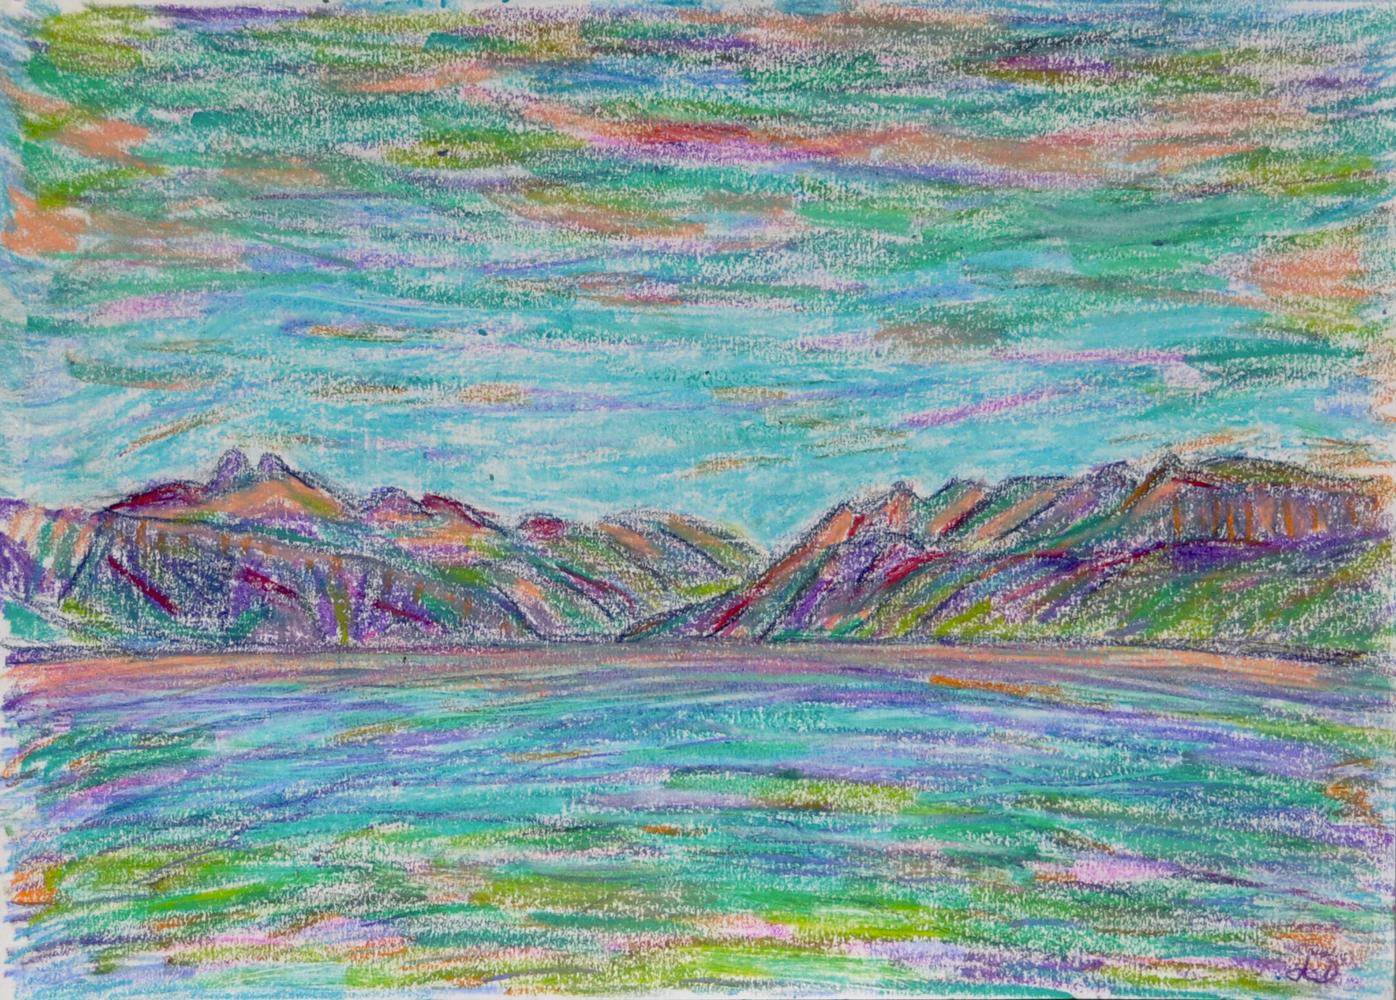 Lac Léman, St Prex no. 7. Pastel à la cire sur papier, 21x30, 2018